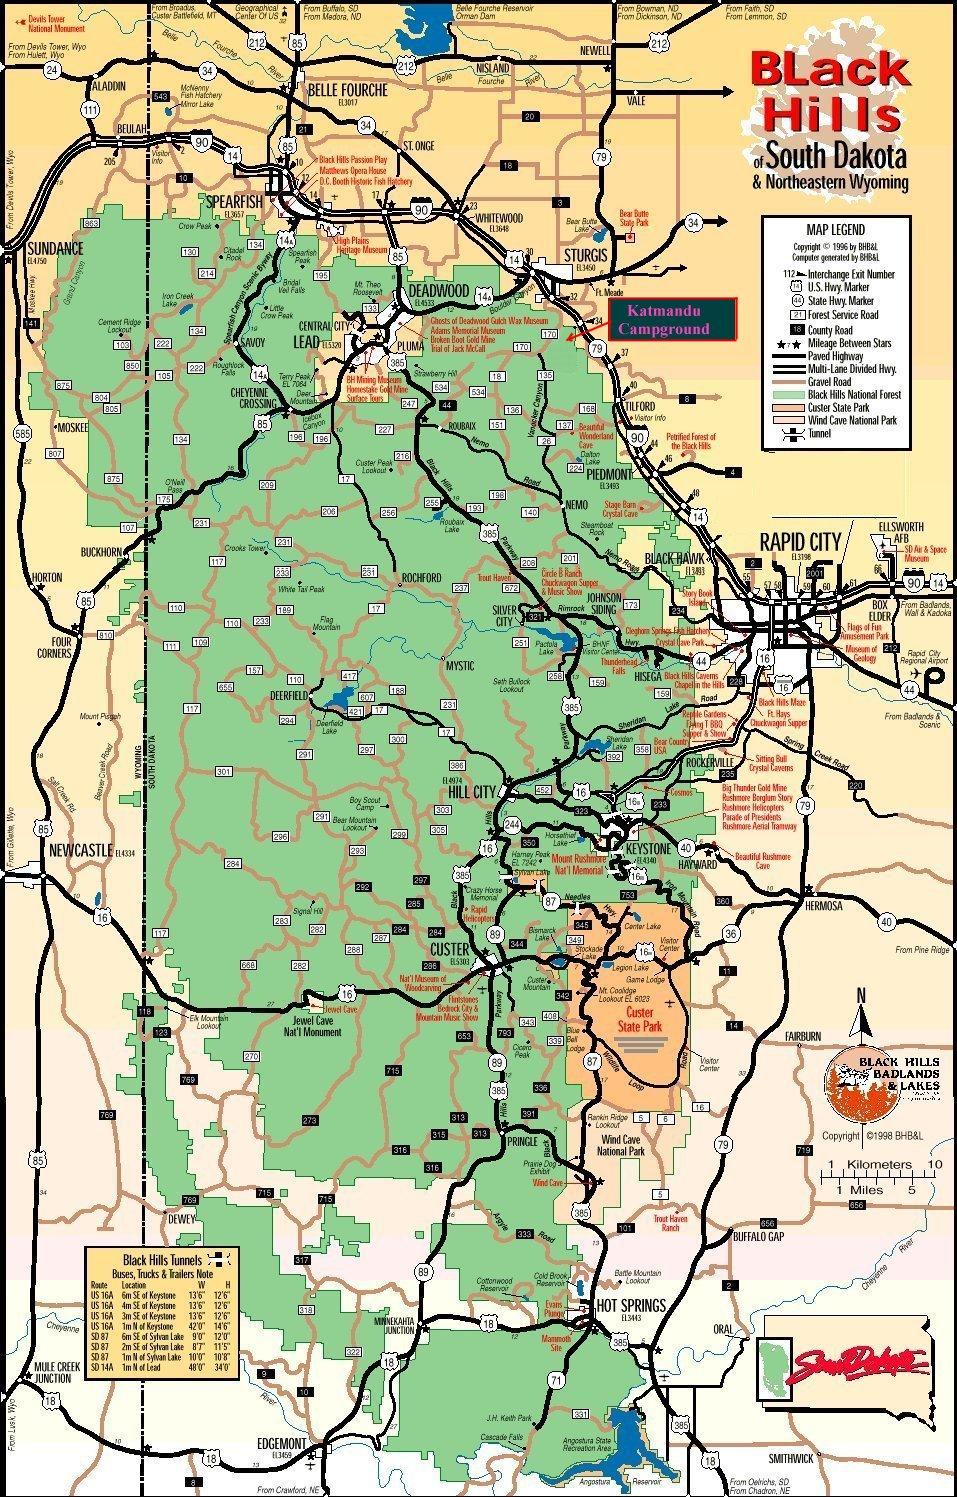 Katmandu Campground Map